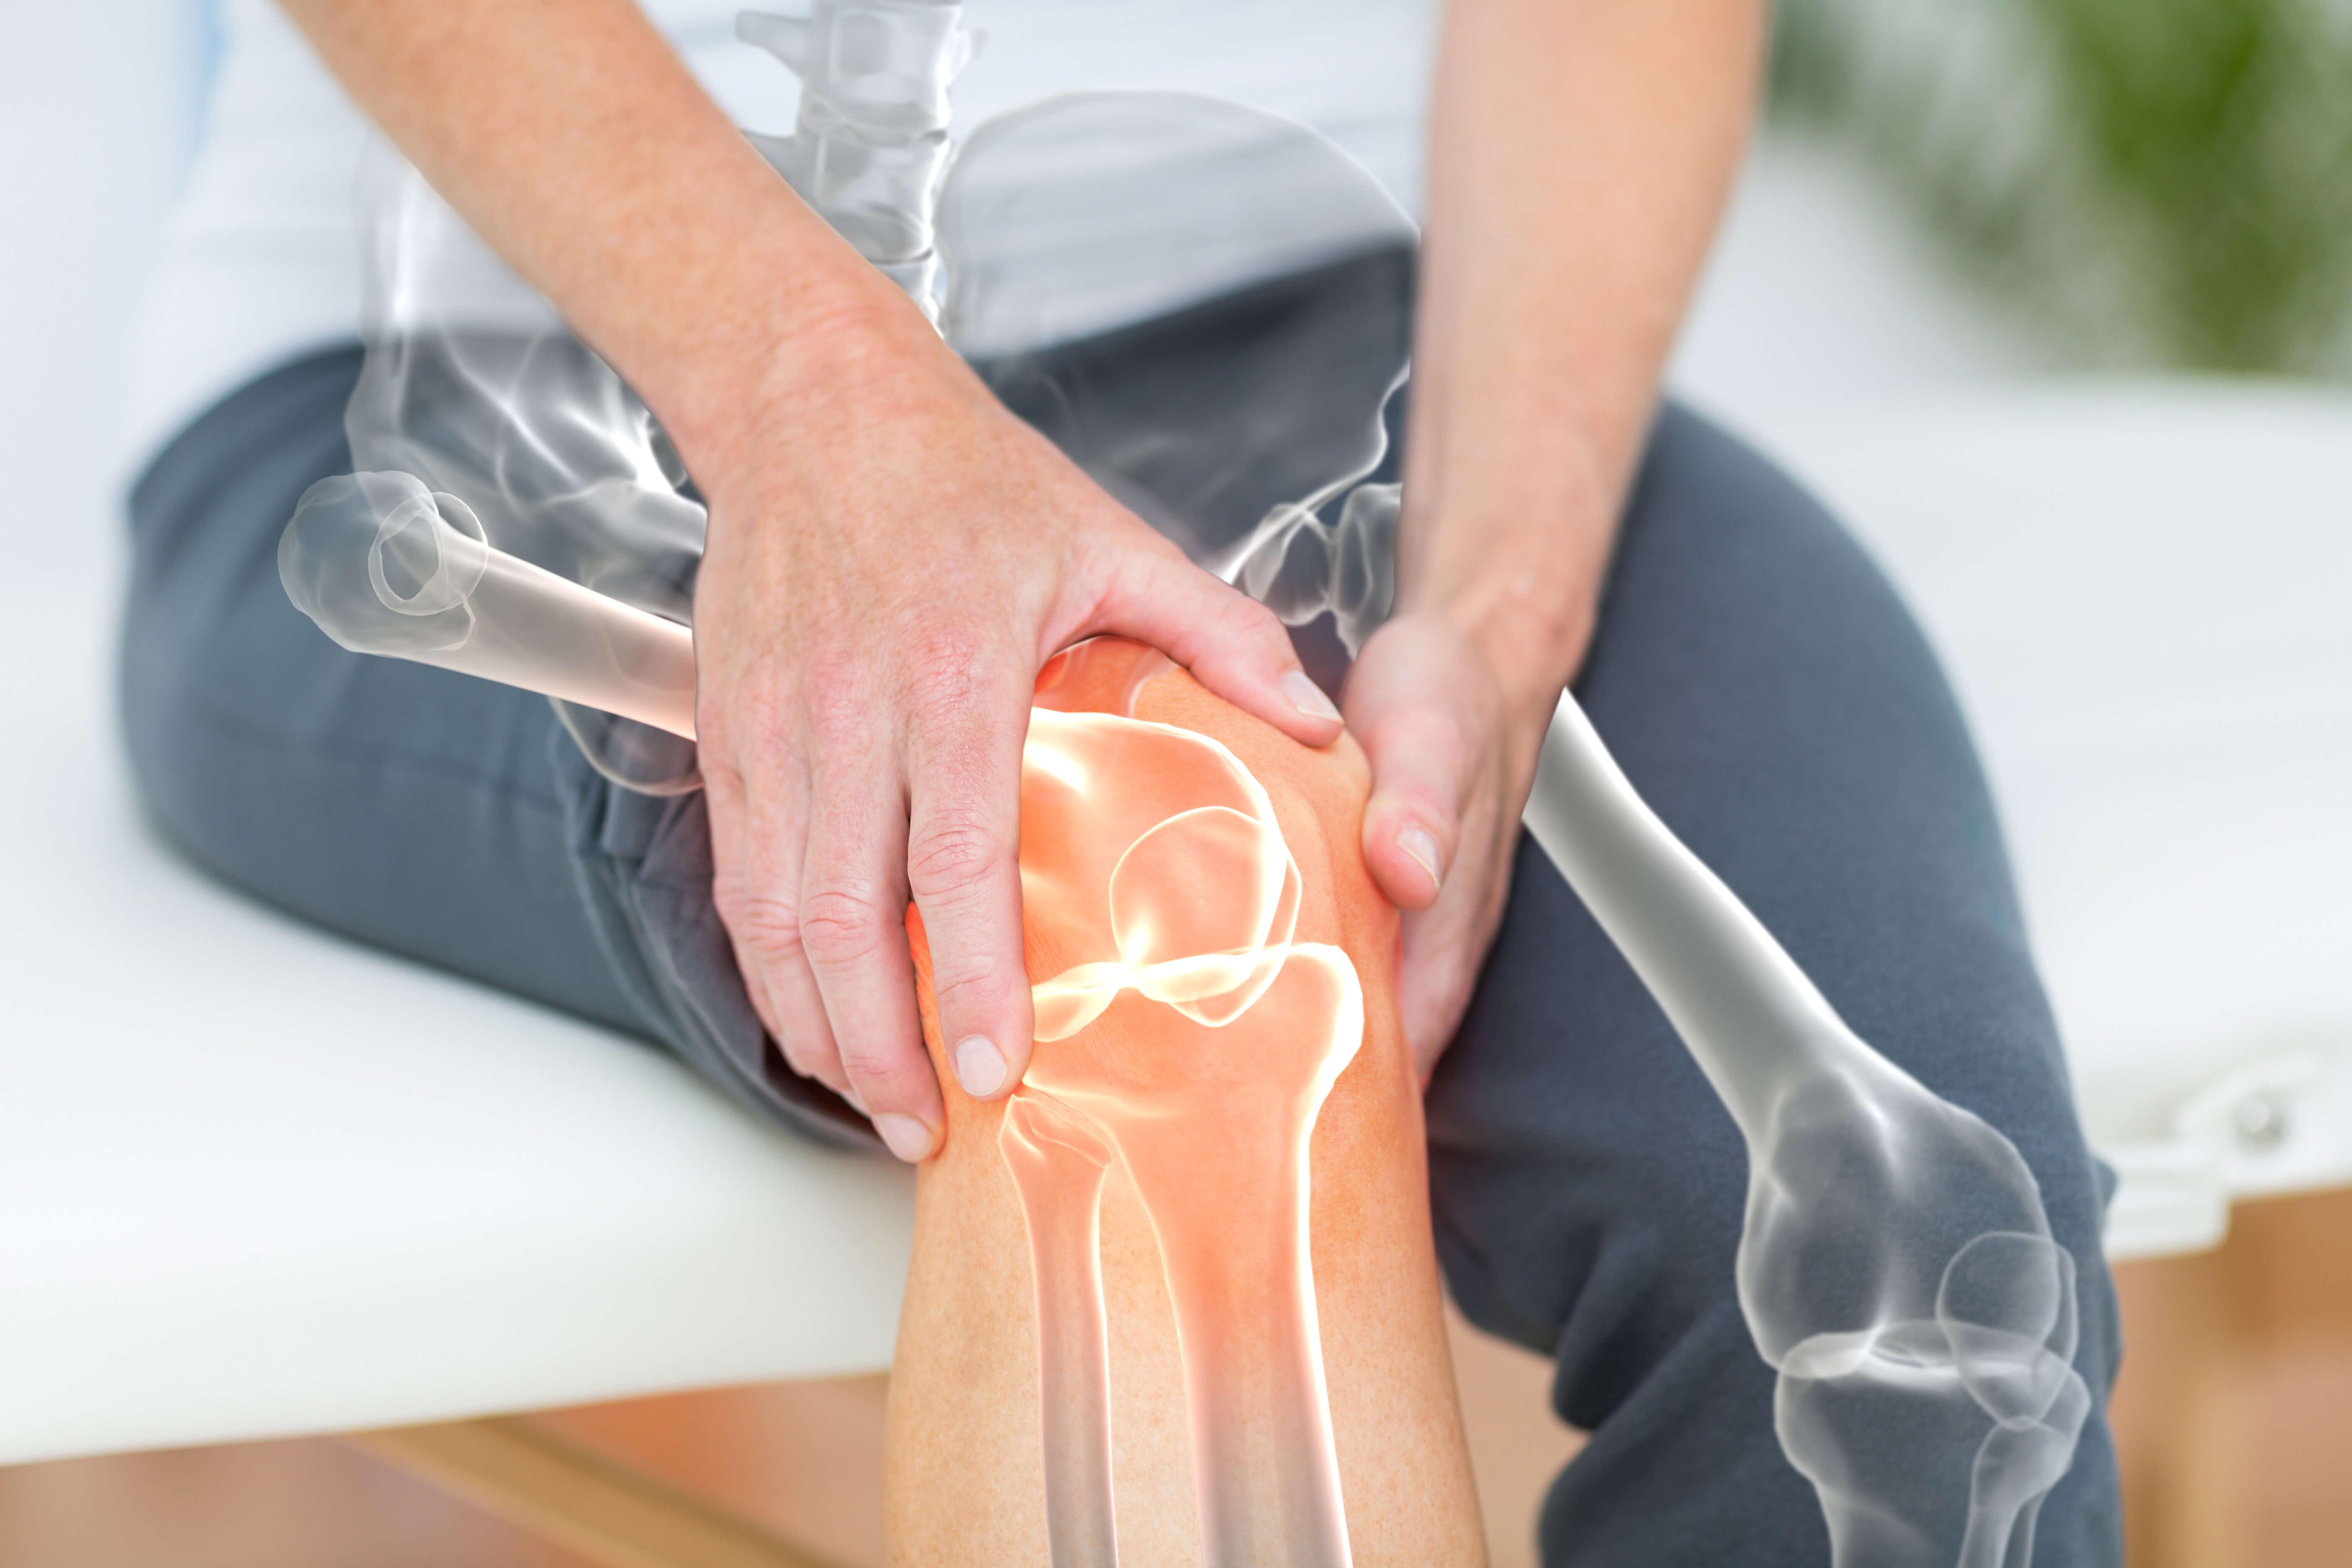 gesundheit-wohlbefinden-schmerzen-in-knie-schulter-huefte-wann-ist-es-arthrose